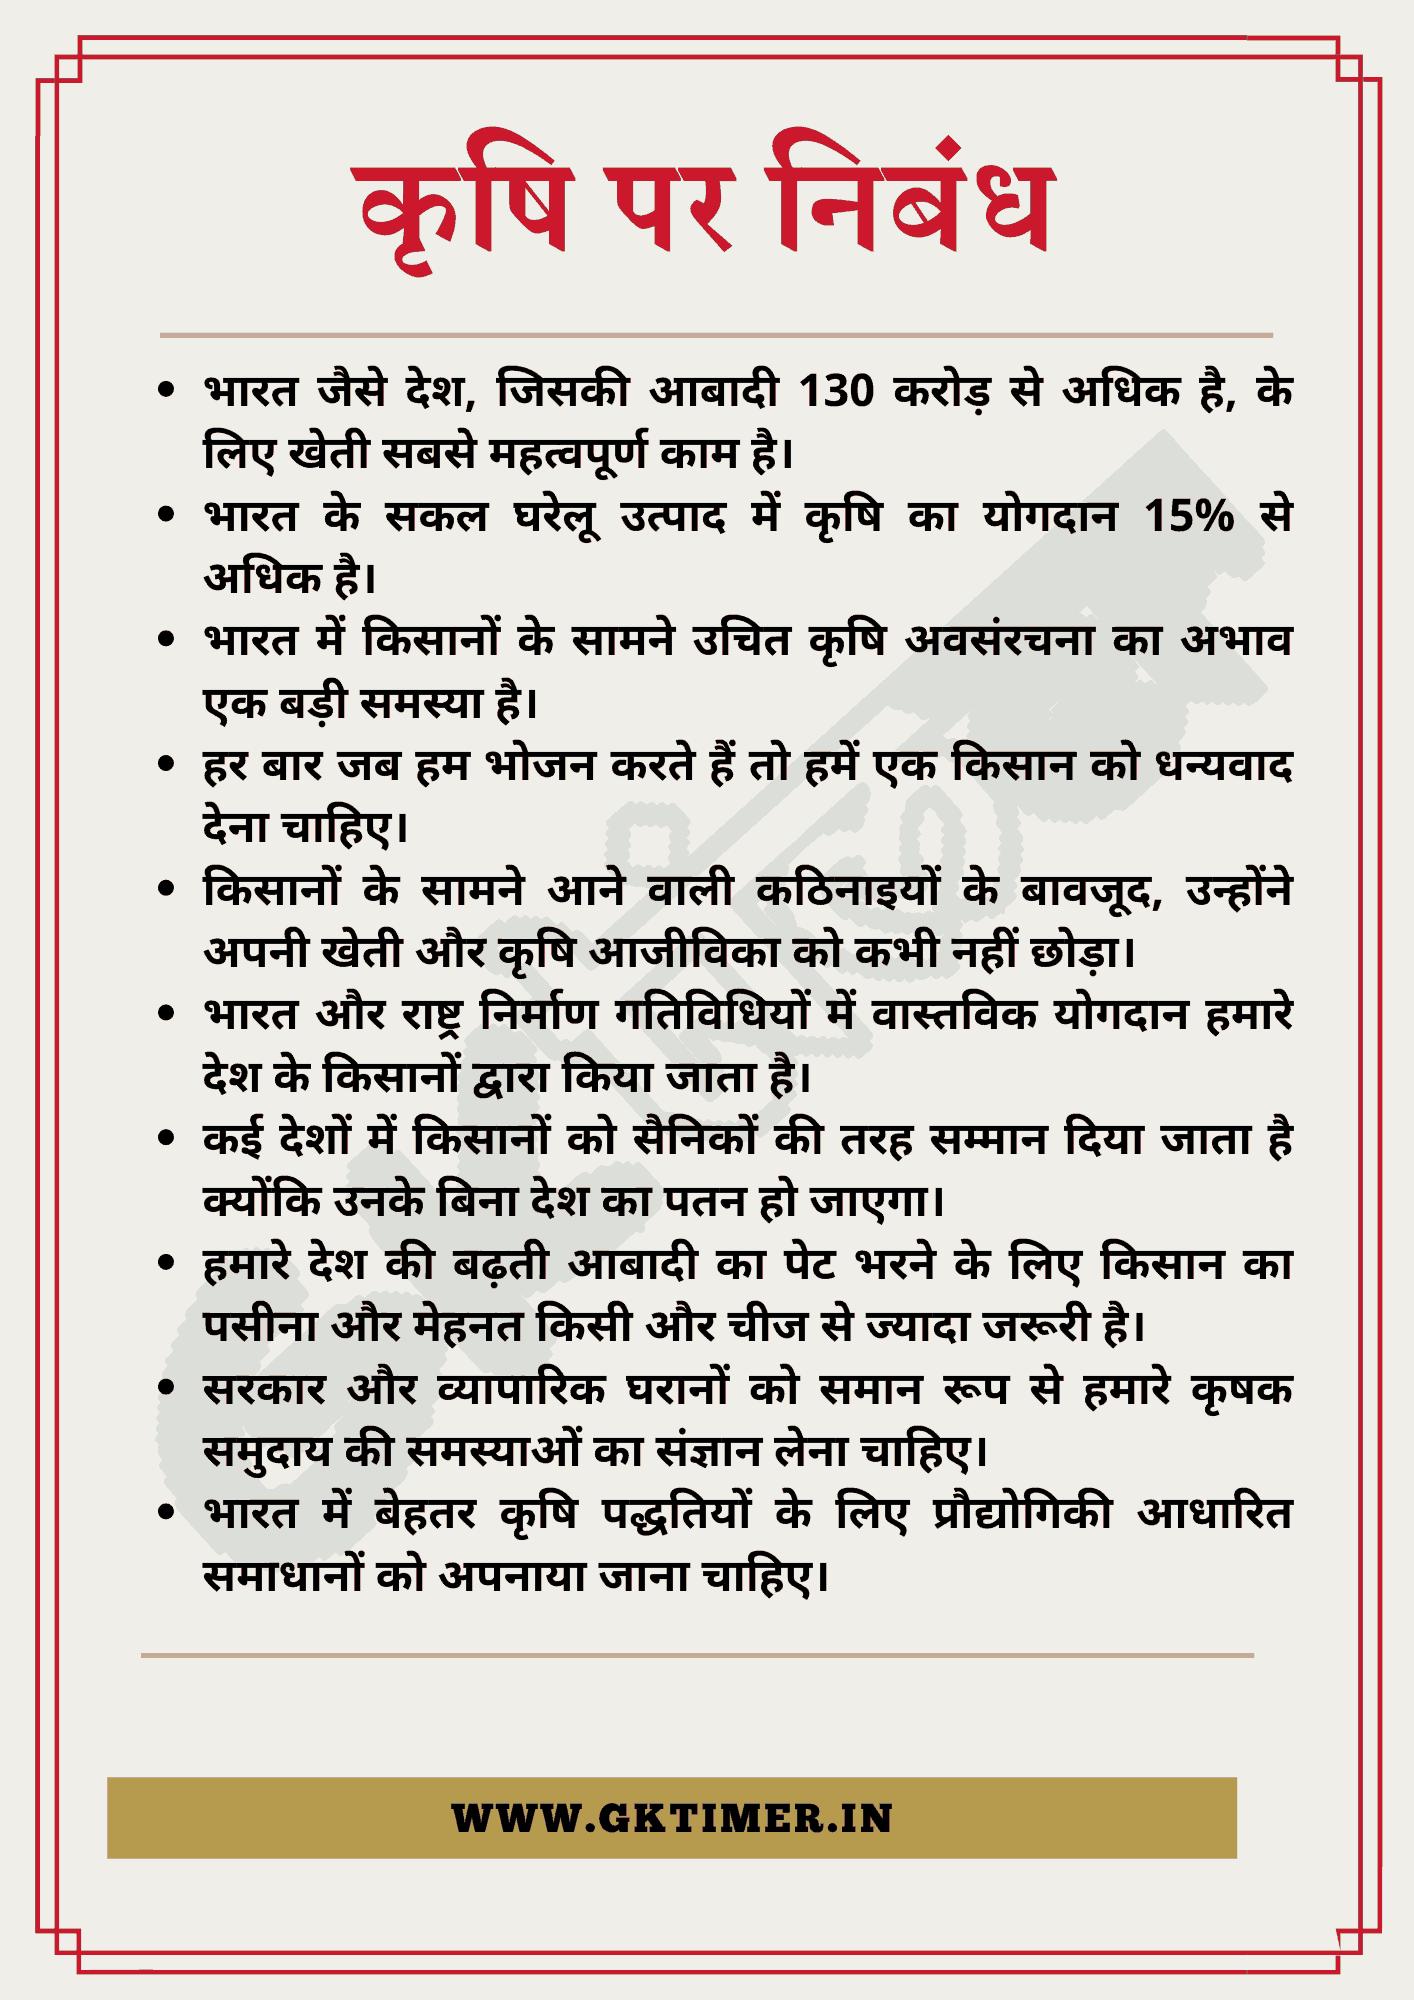 कृषि पर निबंध   Essay on Agriculture in Hindi   10 Lines on Agriculture in Hindi